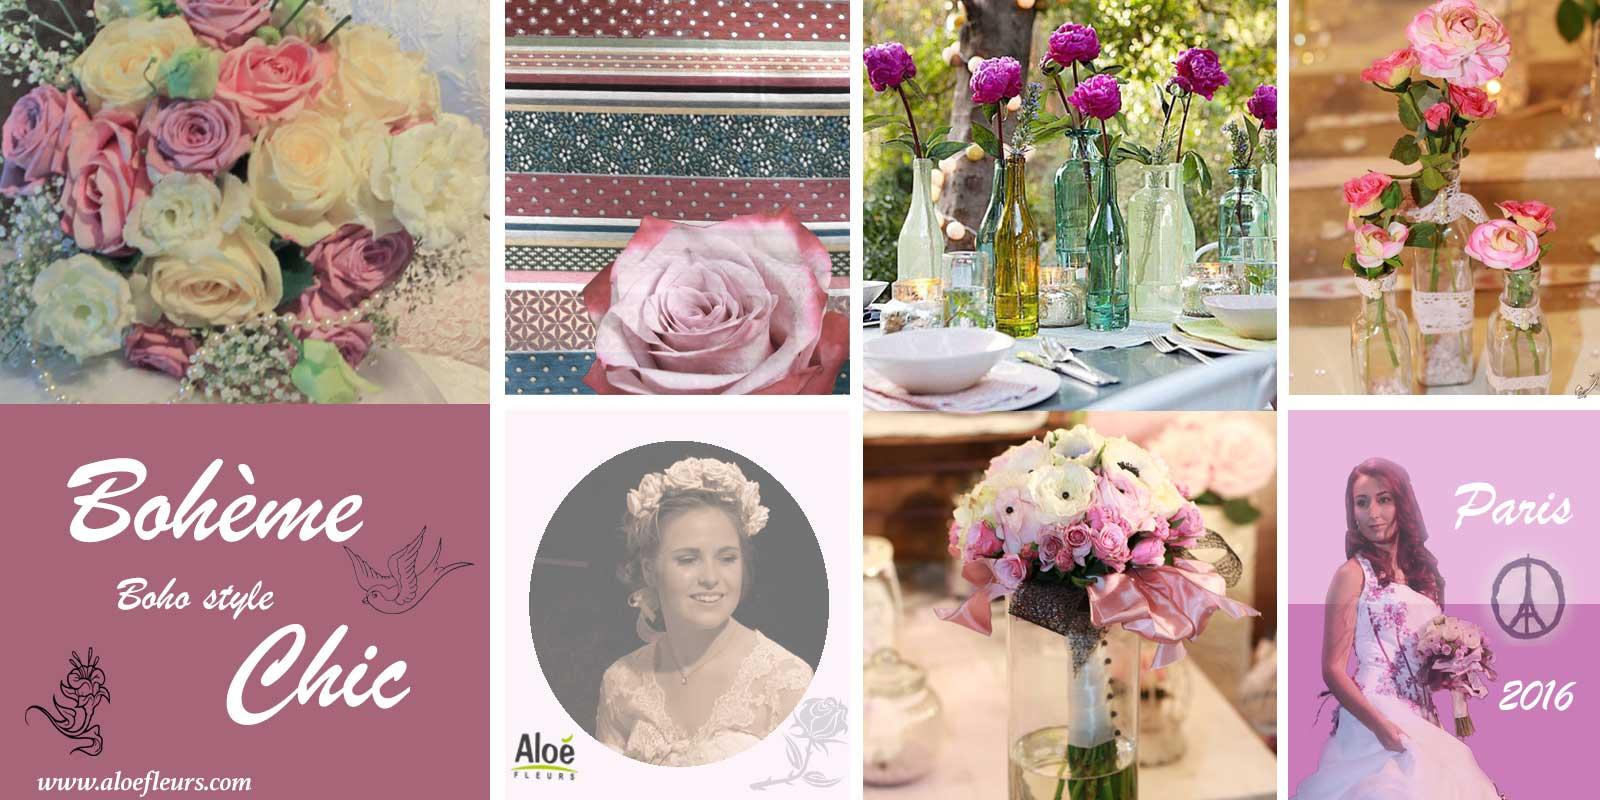 tendance-decoration-florale-2016-boheme-chic-aloefleurs.com